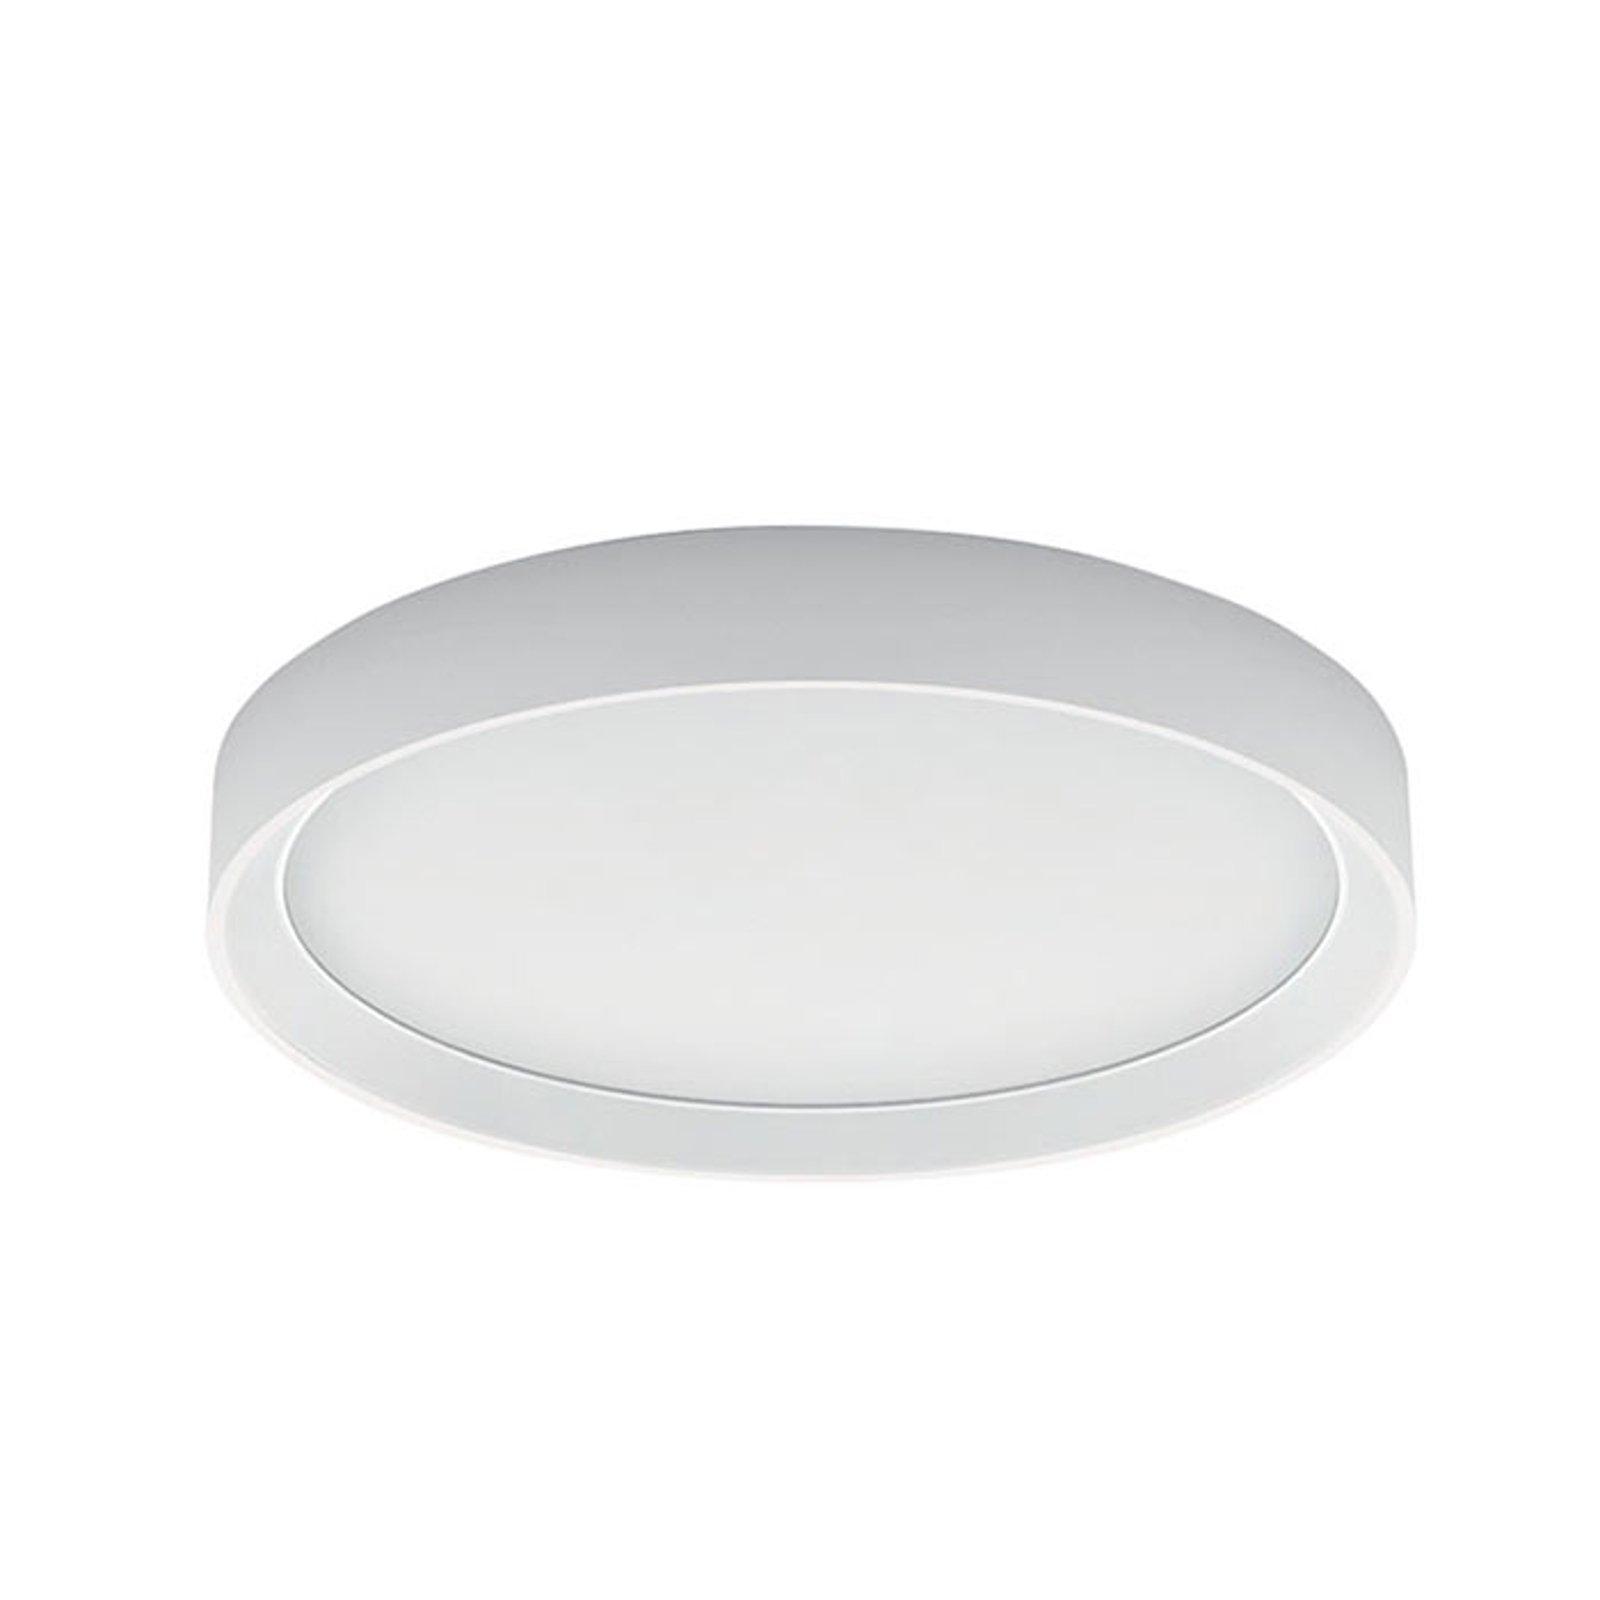 Tara R LED-taklampe, rund, Ø 41 cm